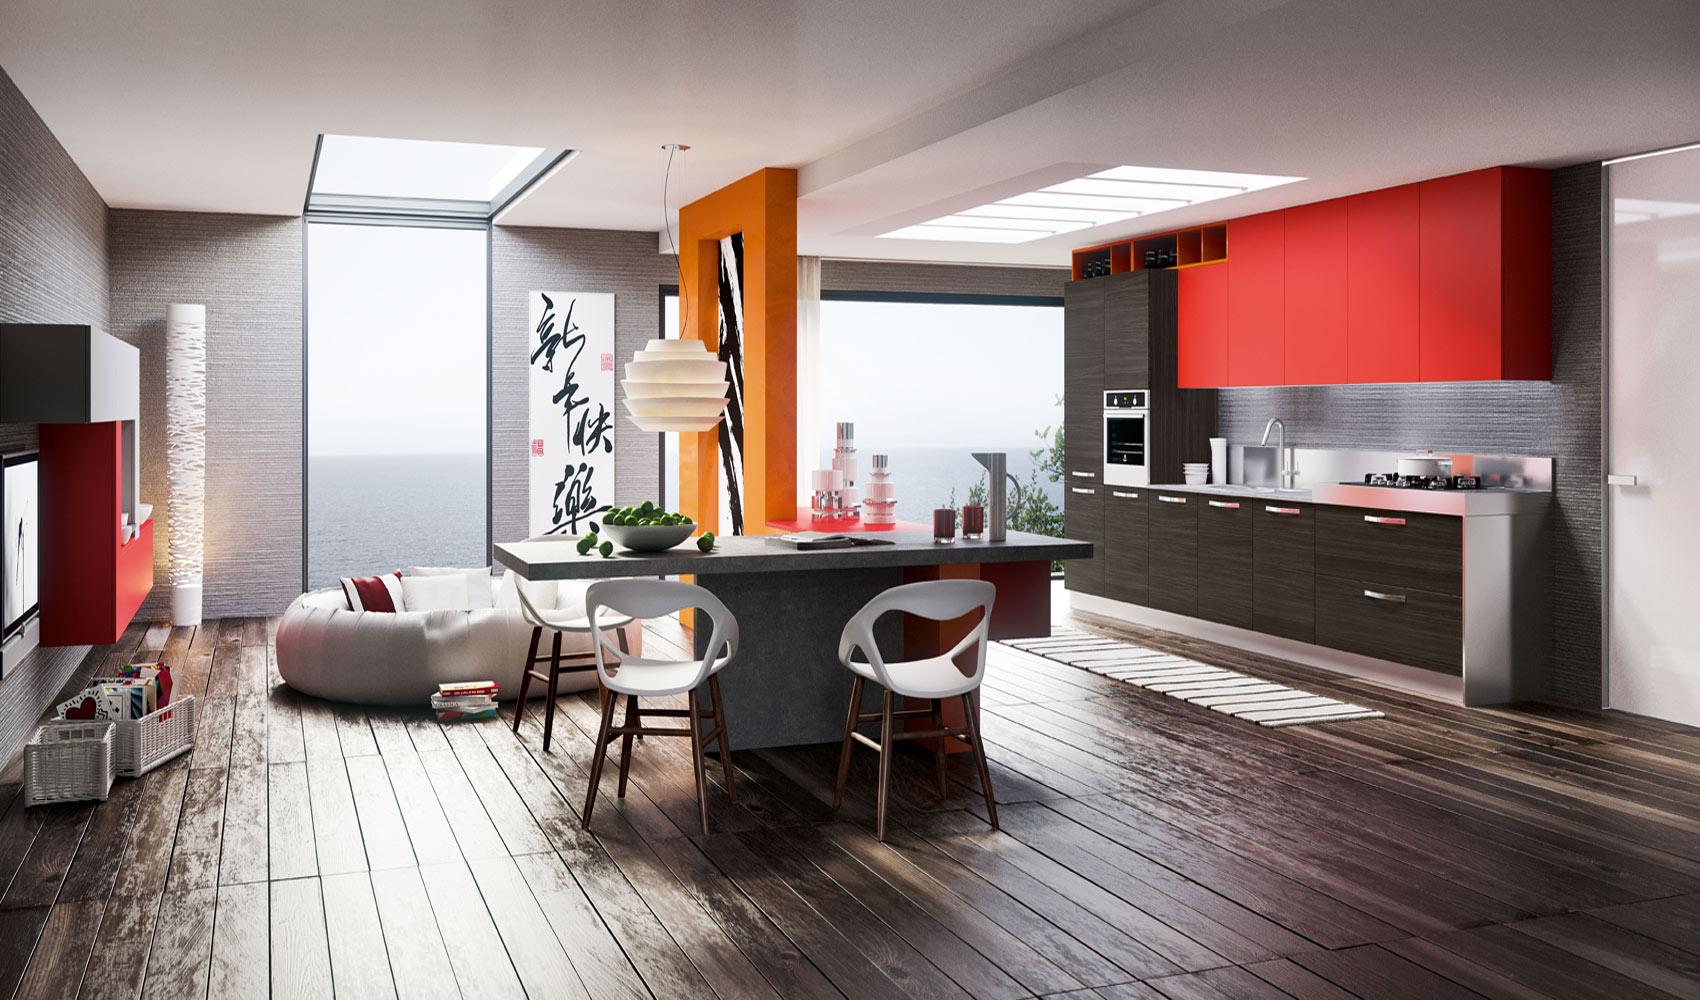 Dise o de cocinas modernas al estilo arte pop construye - Diseno de interiores para cocinas ...